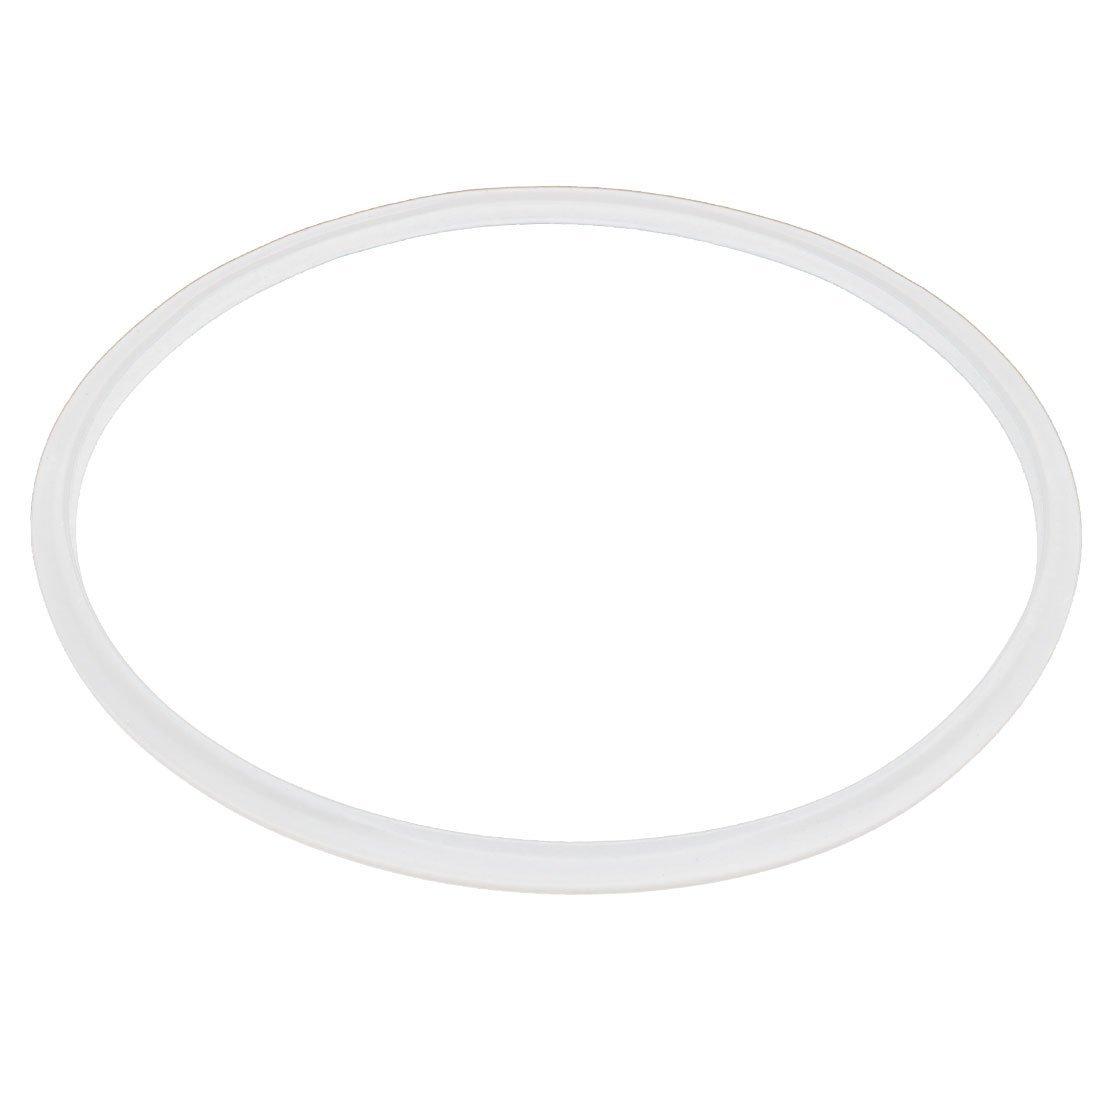 27cm eléctrico reemplazo olla de presión junta de estanqueidad del anillo blanco claro DealMux